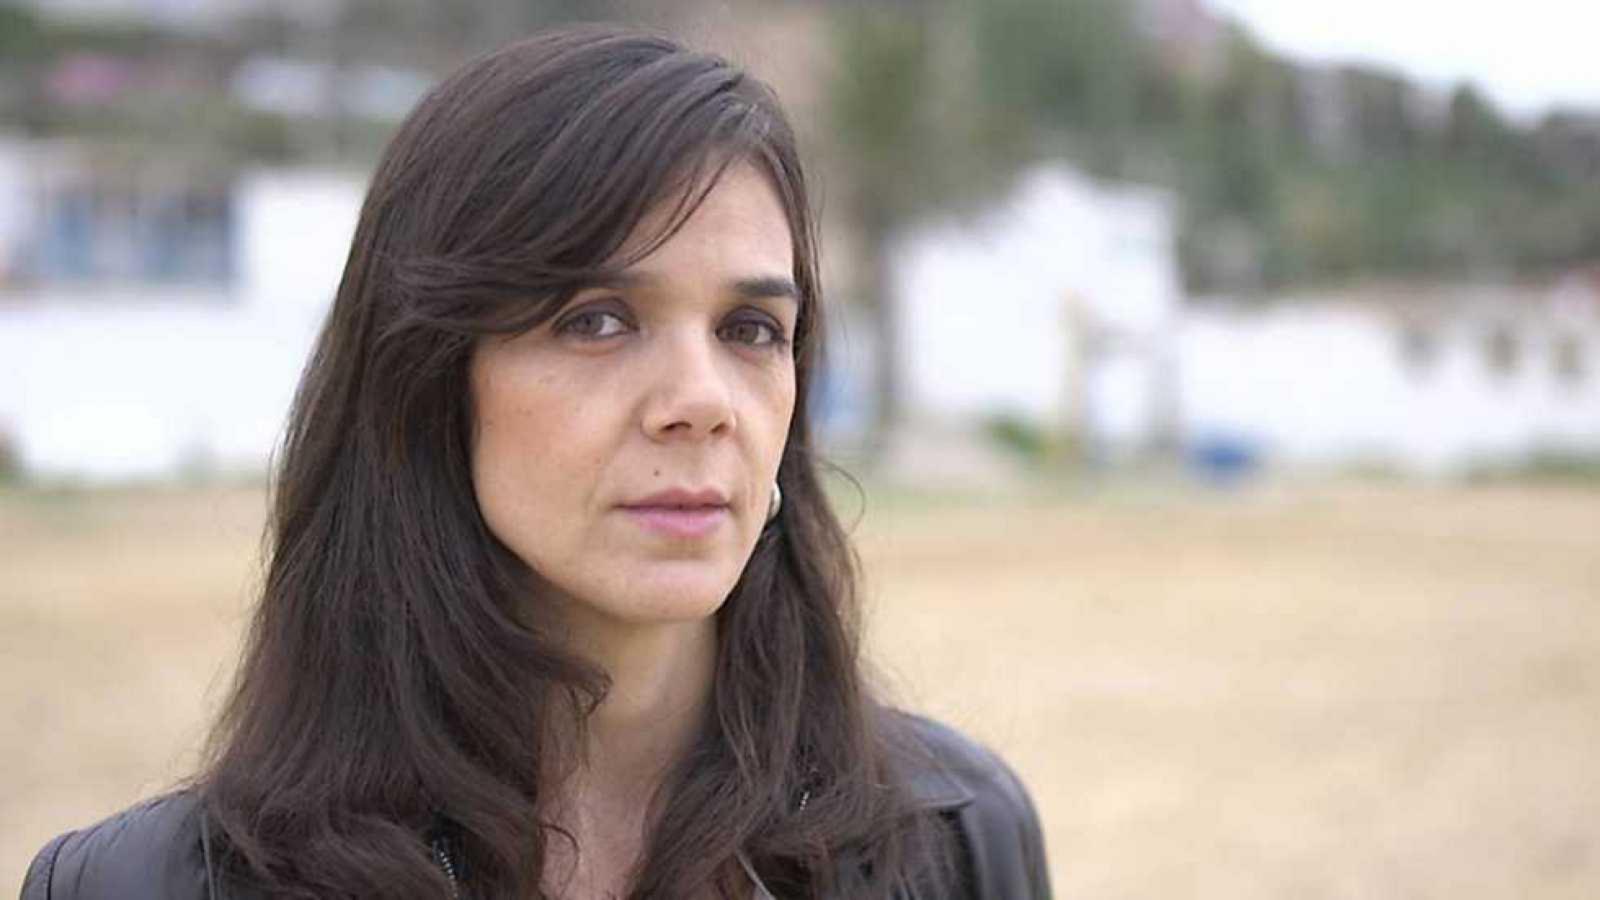 El ojo crítico - 'Tempestad en Víspera de viernes', con Lara Moreno - 04/11/20 - escuchar ahora